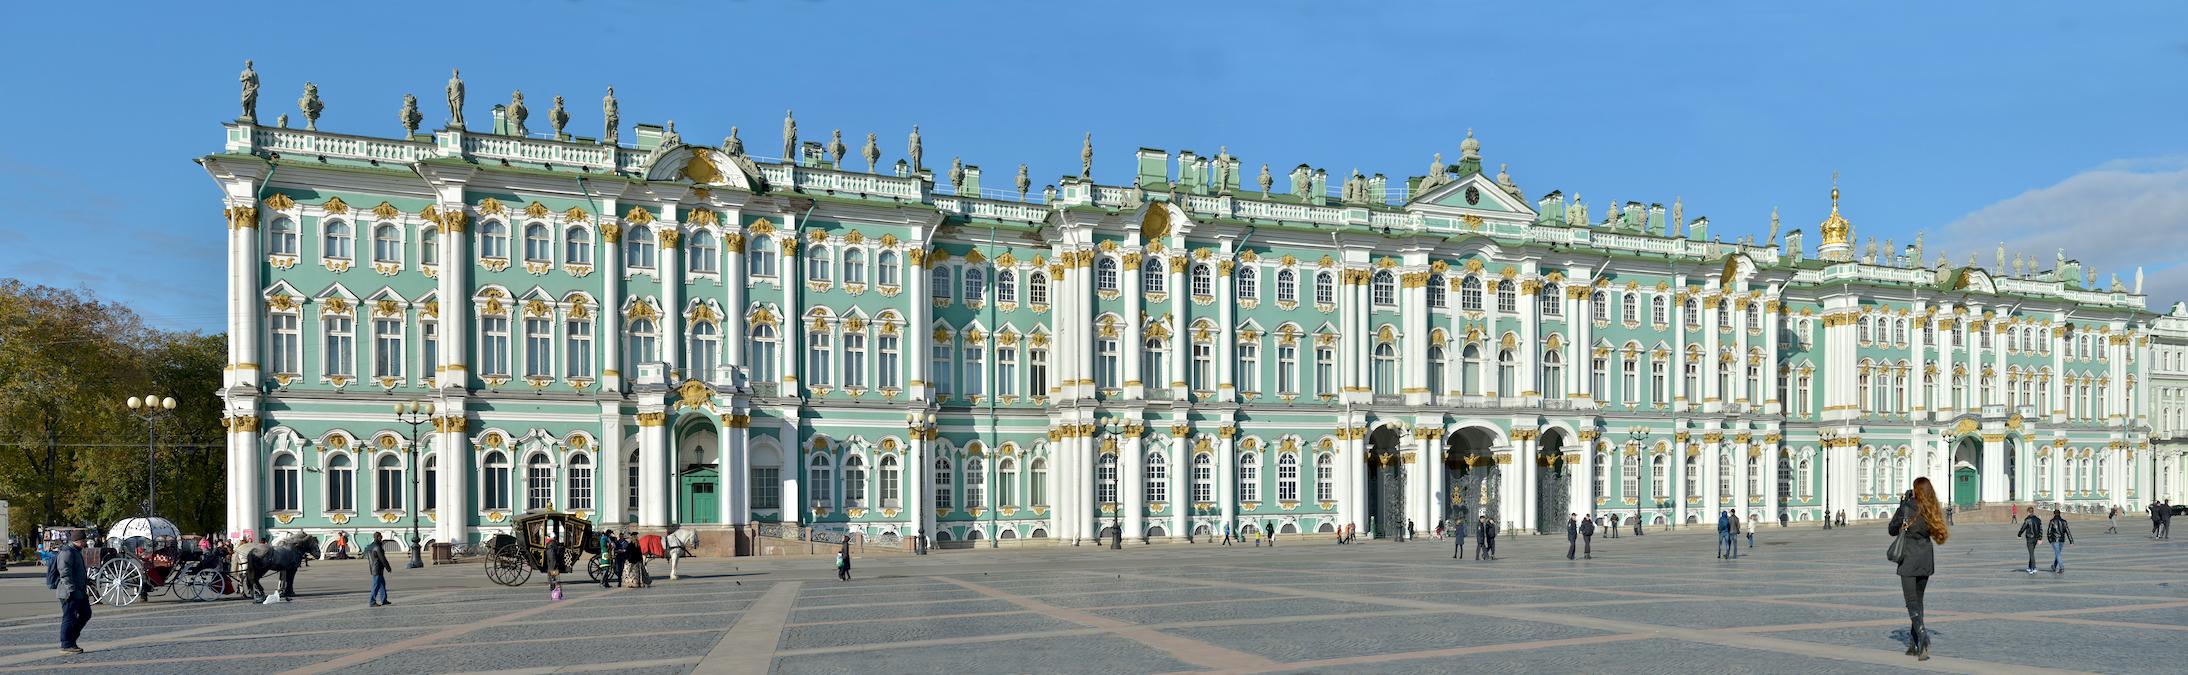 Plus de 60.000 oeuvres sont exposées au Musée de l'Ermitage | Babbel